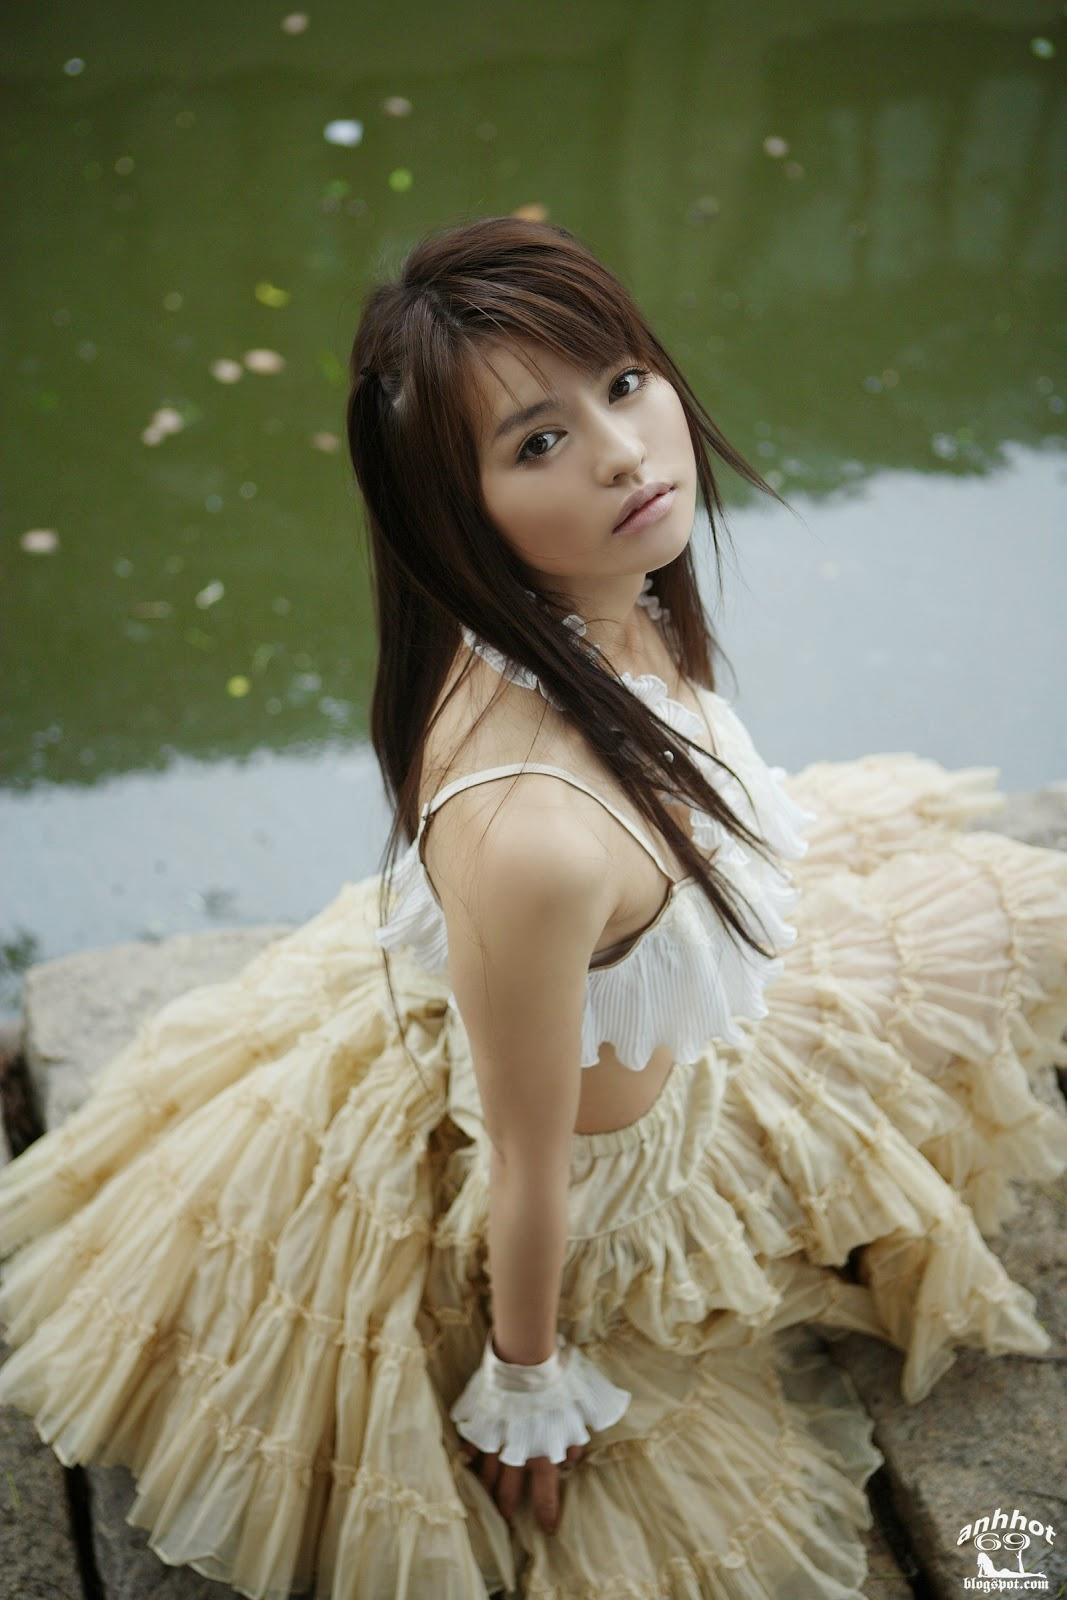 yuriko-shiratori-00499781